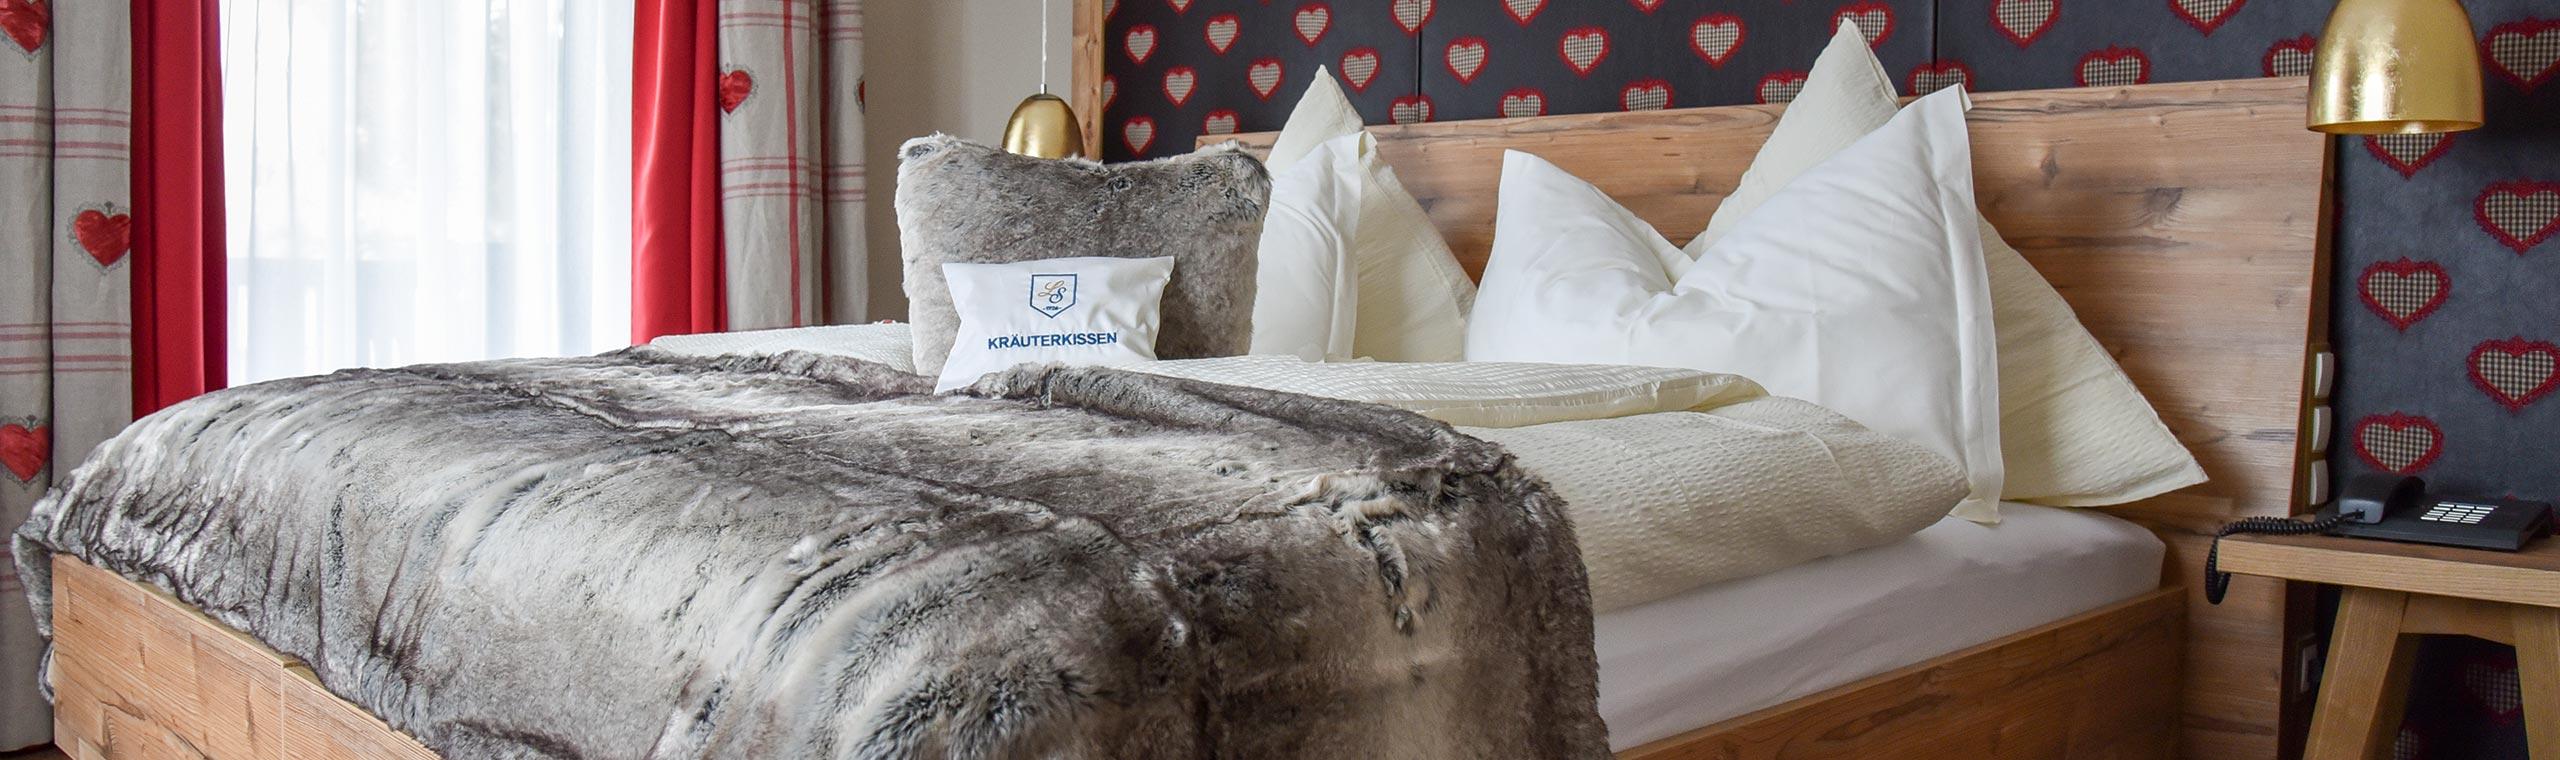 Zimmer mit Bett und Flauschdecke